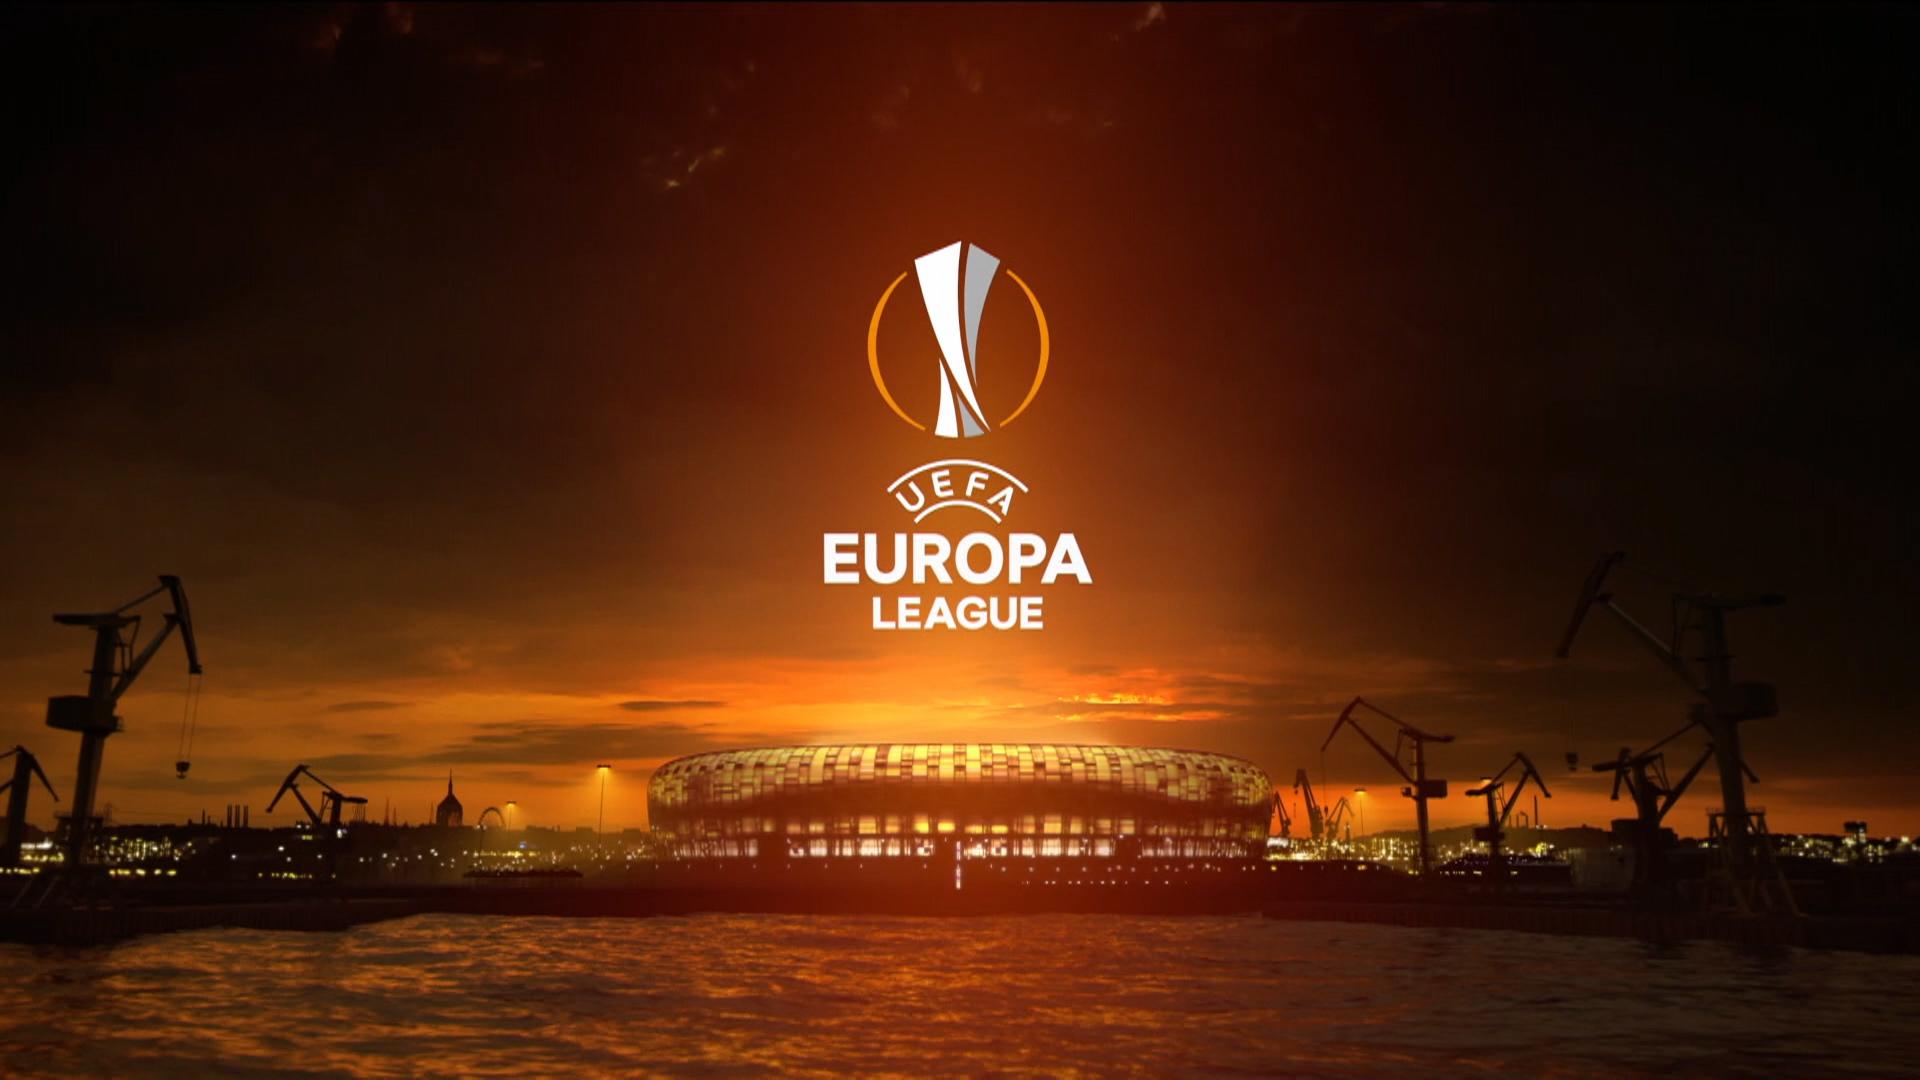 Europa League, dy gjysmëfinale zhvillohen sonte